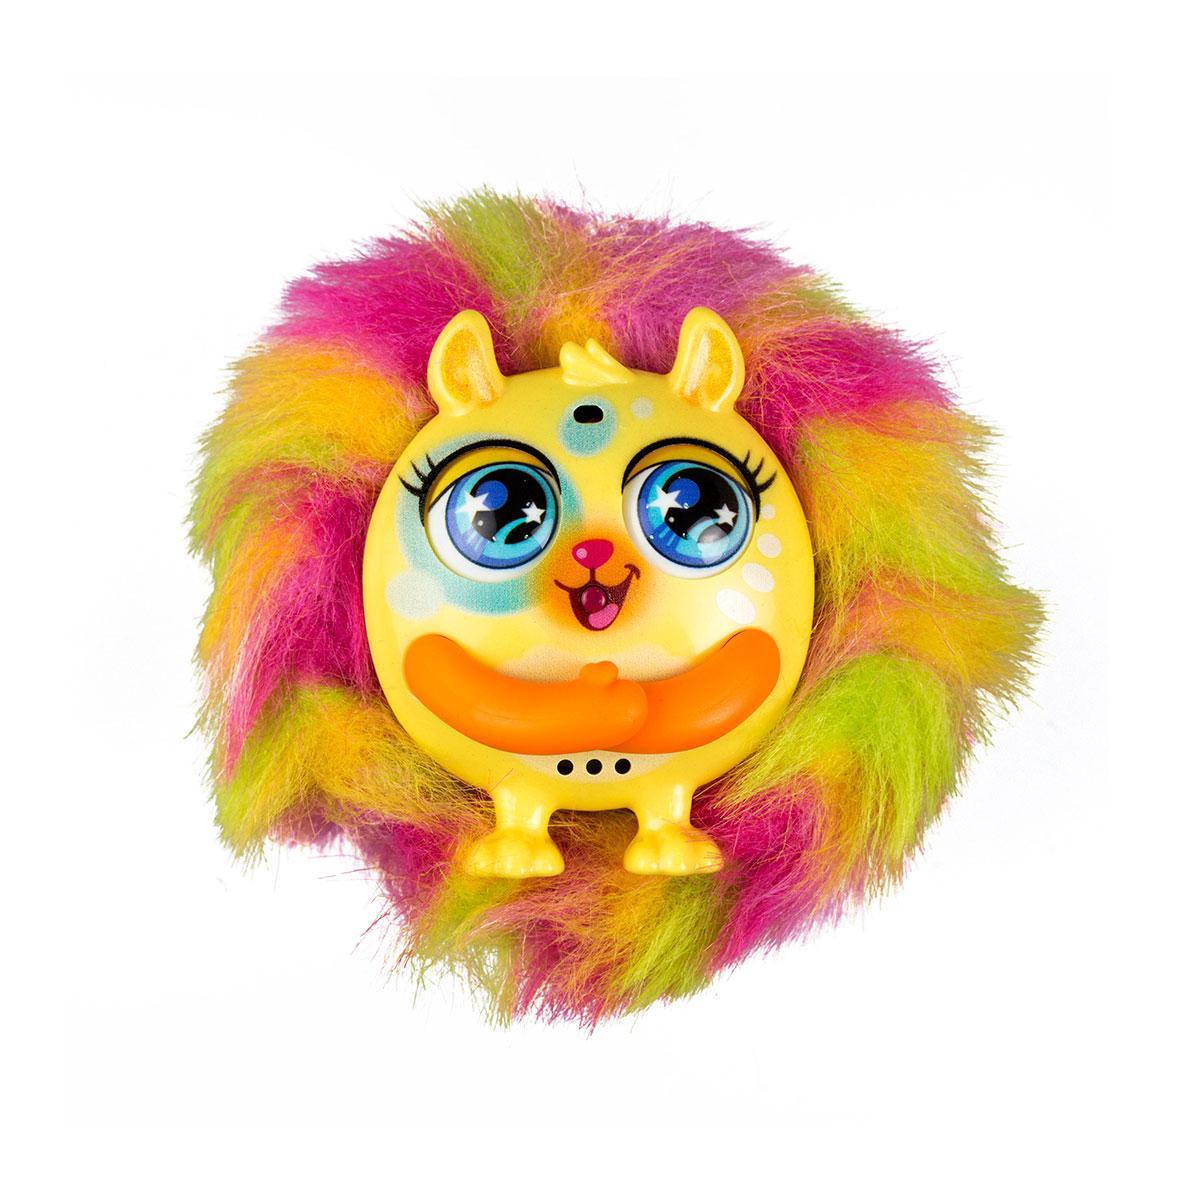 Tiny Furries Интерактивная игрушка S2 – Пушистик Венера, 83690-16